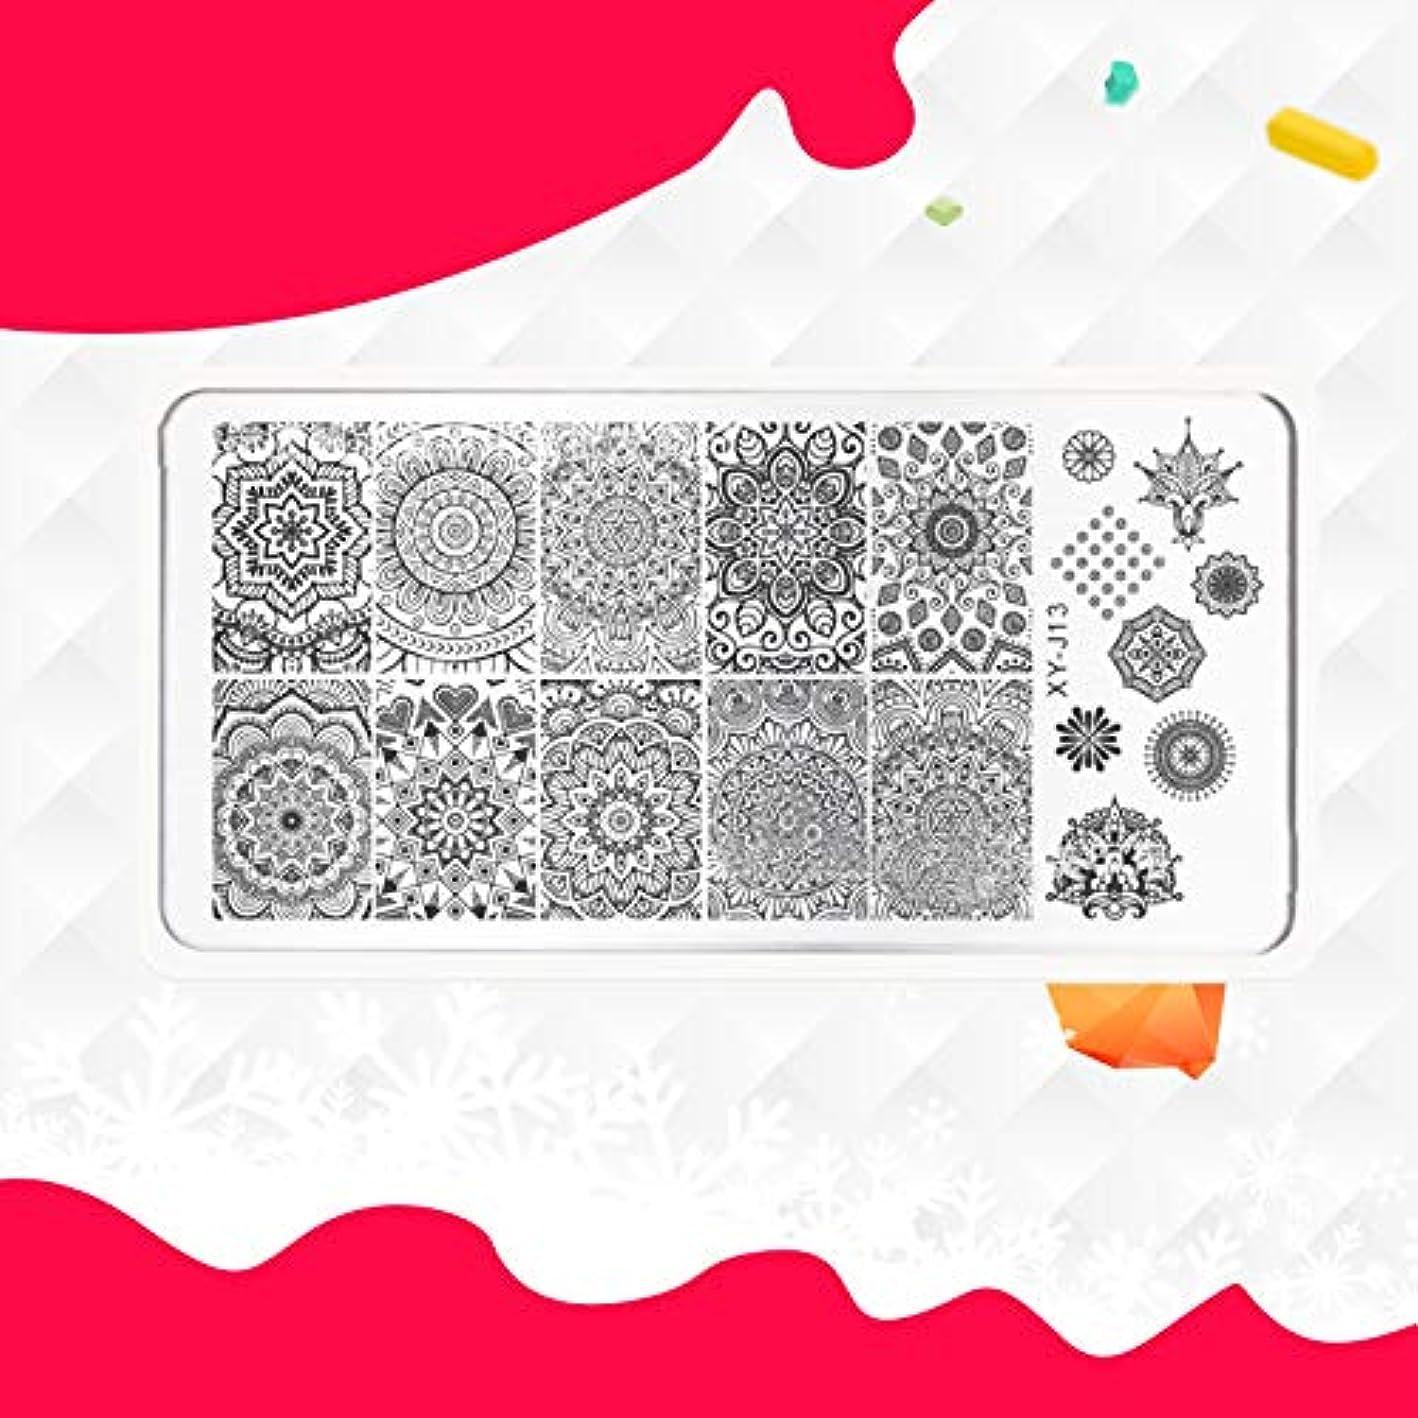 電卓運命アカデミックMCCRUA ネイルイメージプレート ネイルイメージプレート 美しい花柄 ネイルアートツール